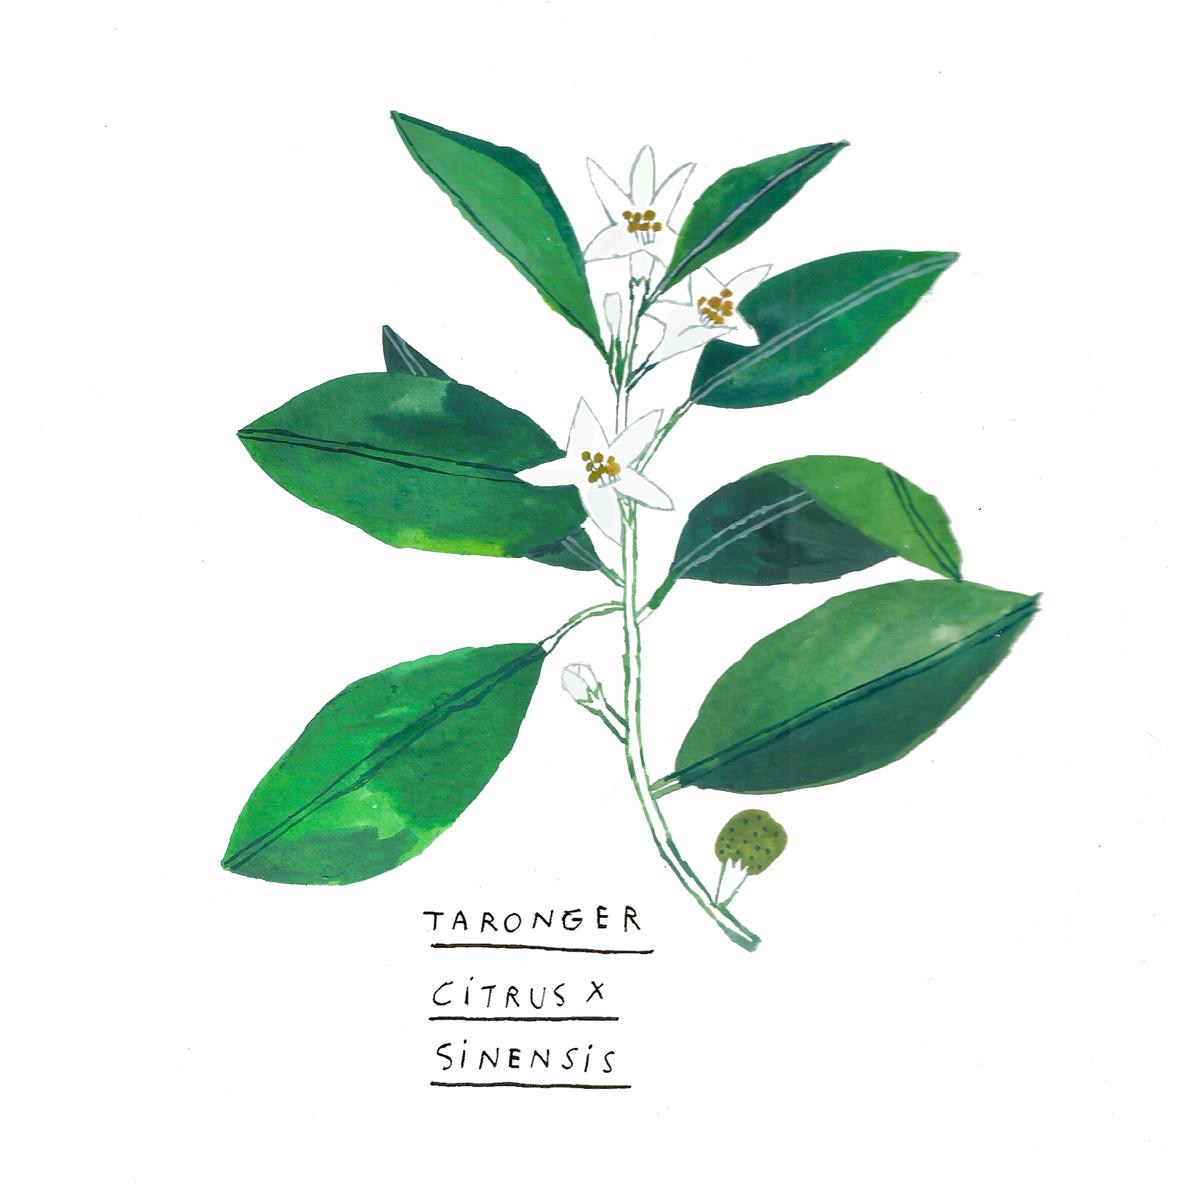 taronger